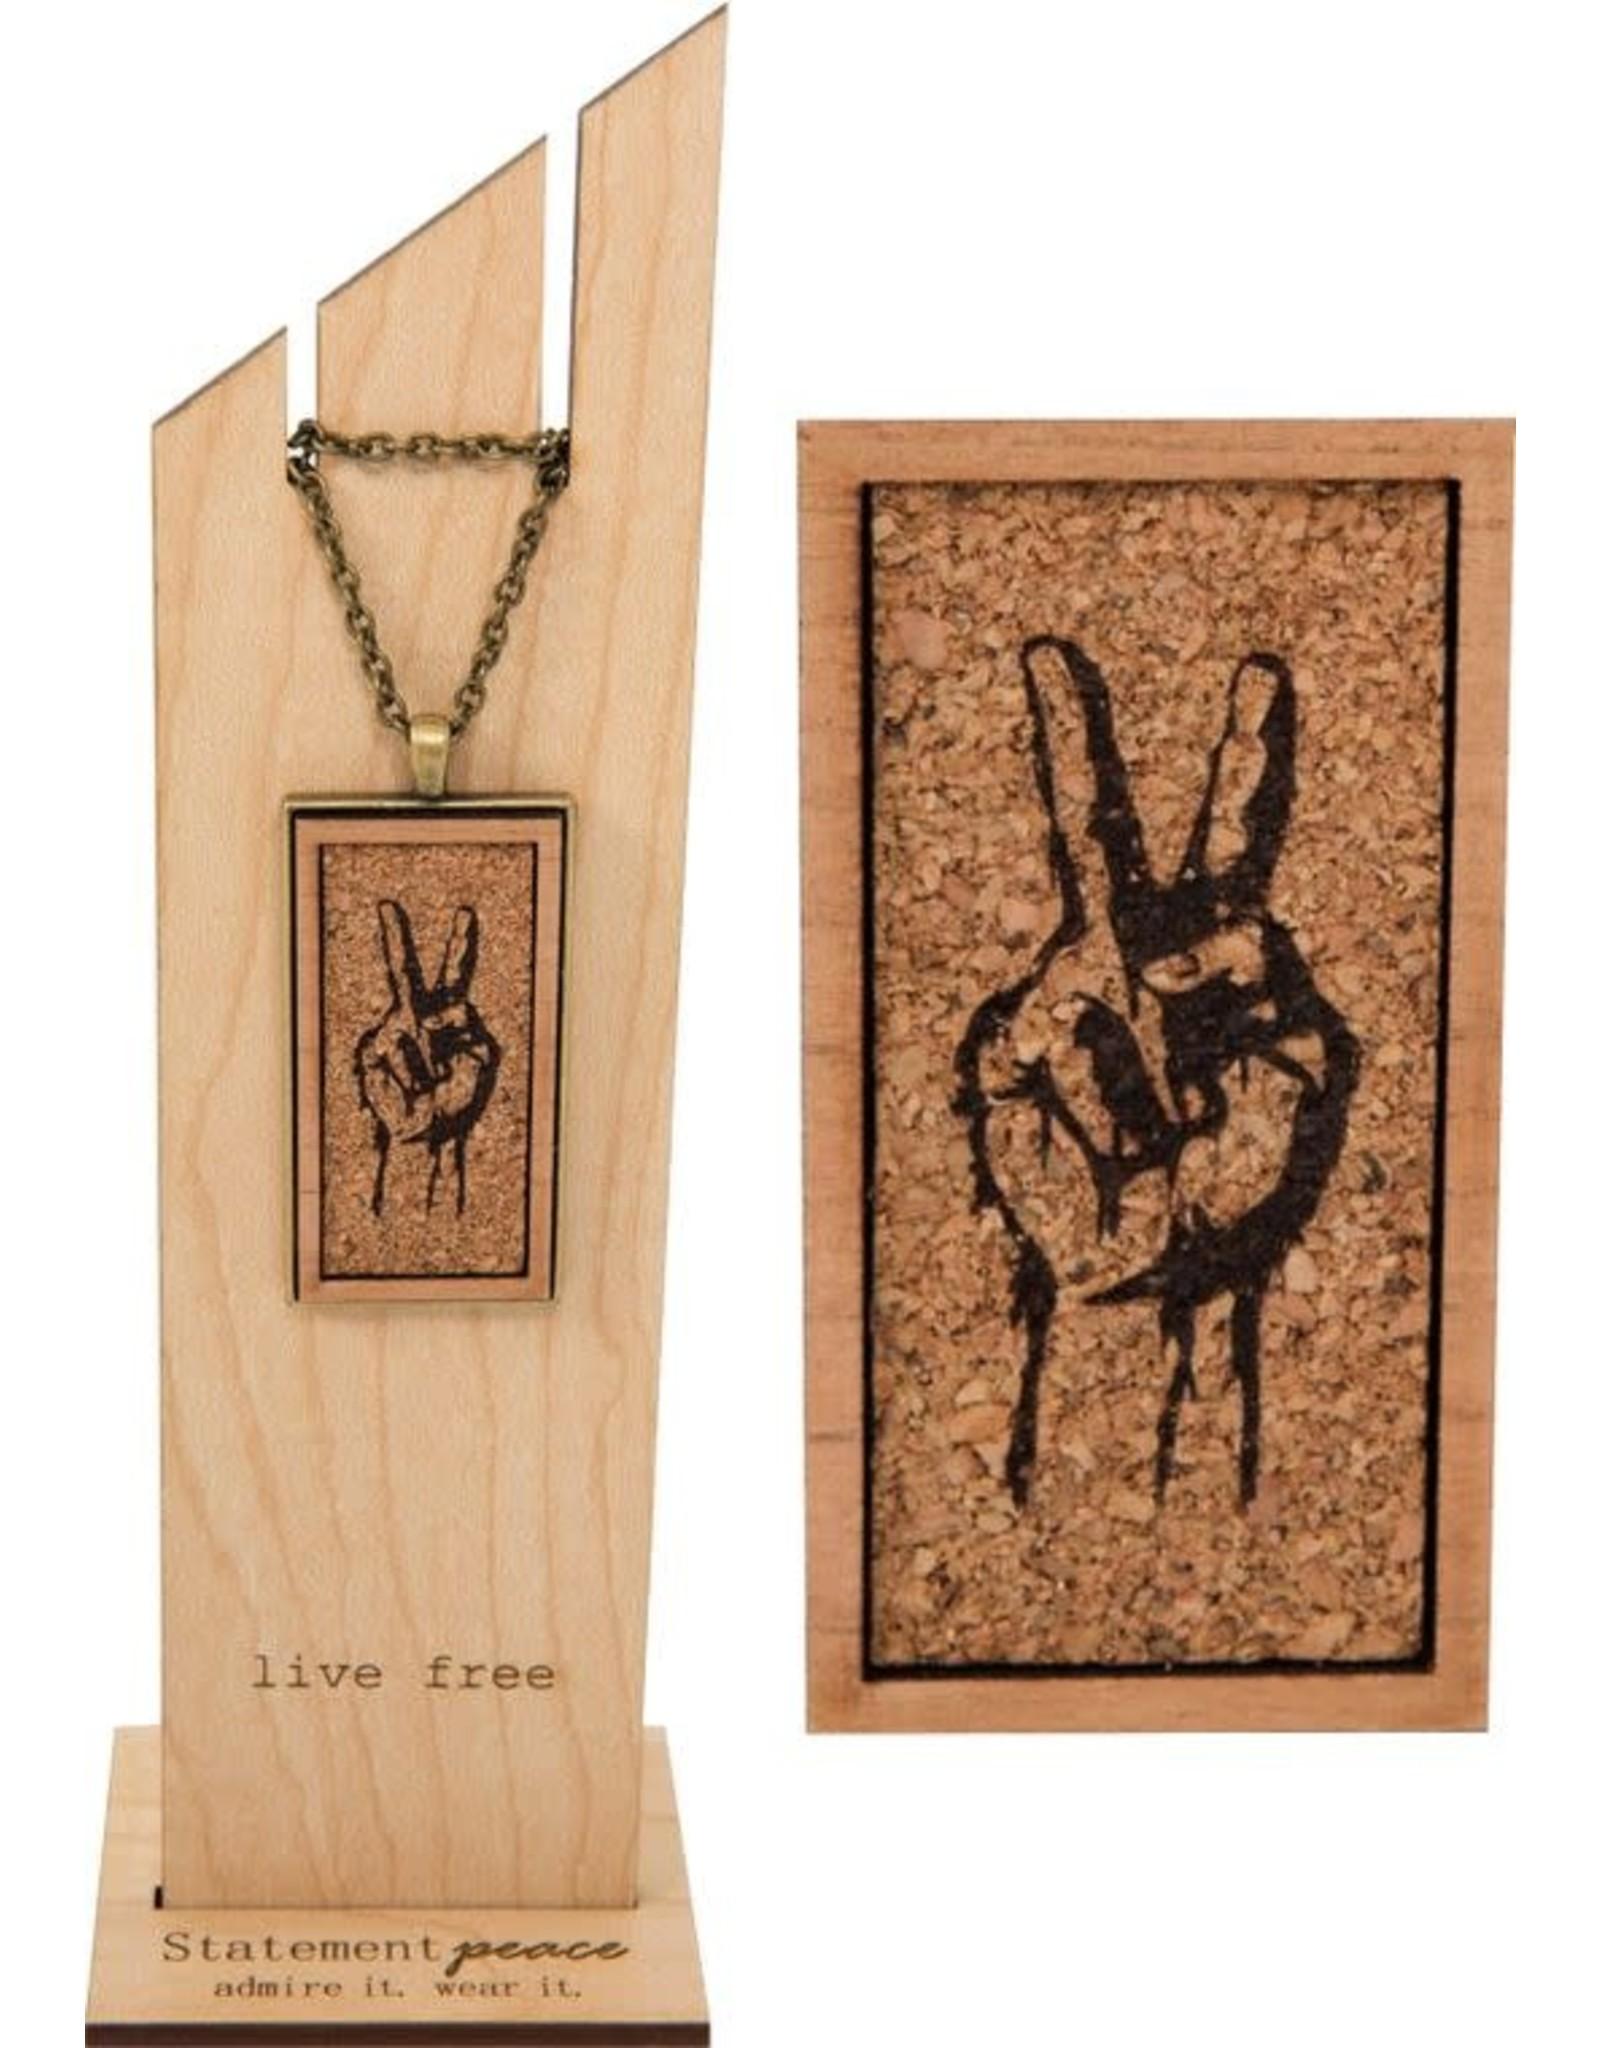 Statement Peace Peace sign cork necklace